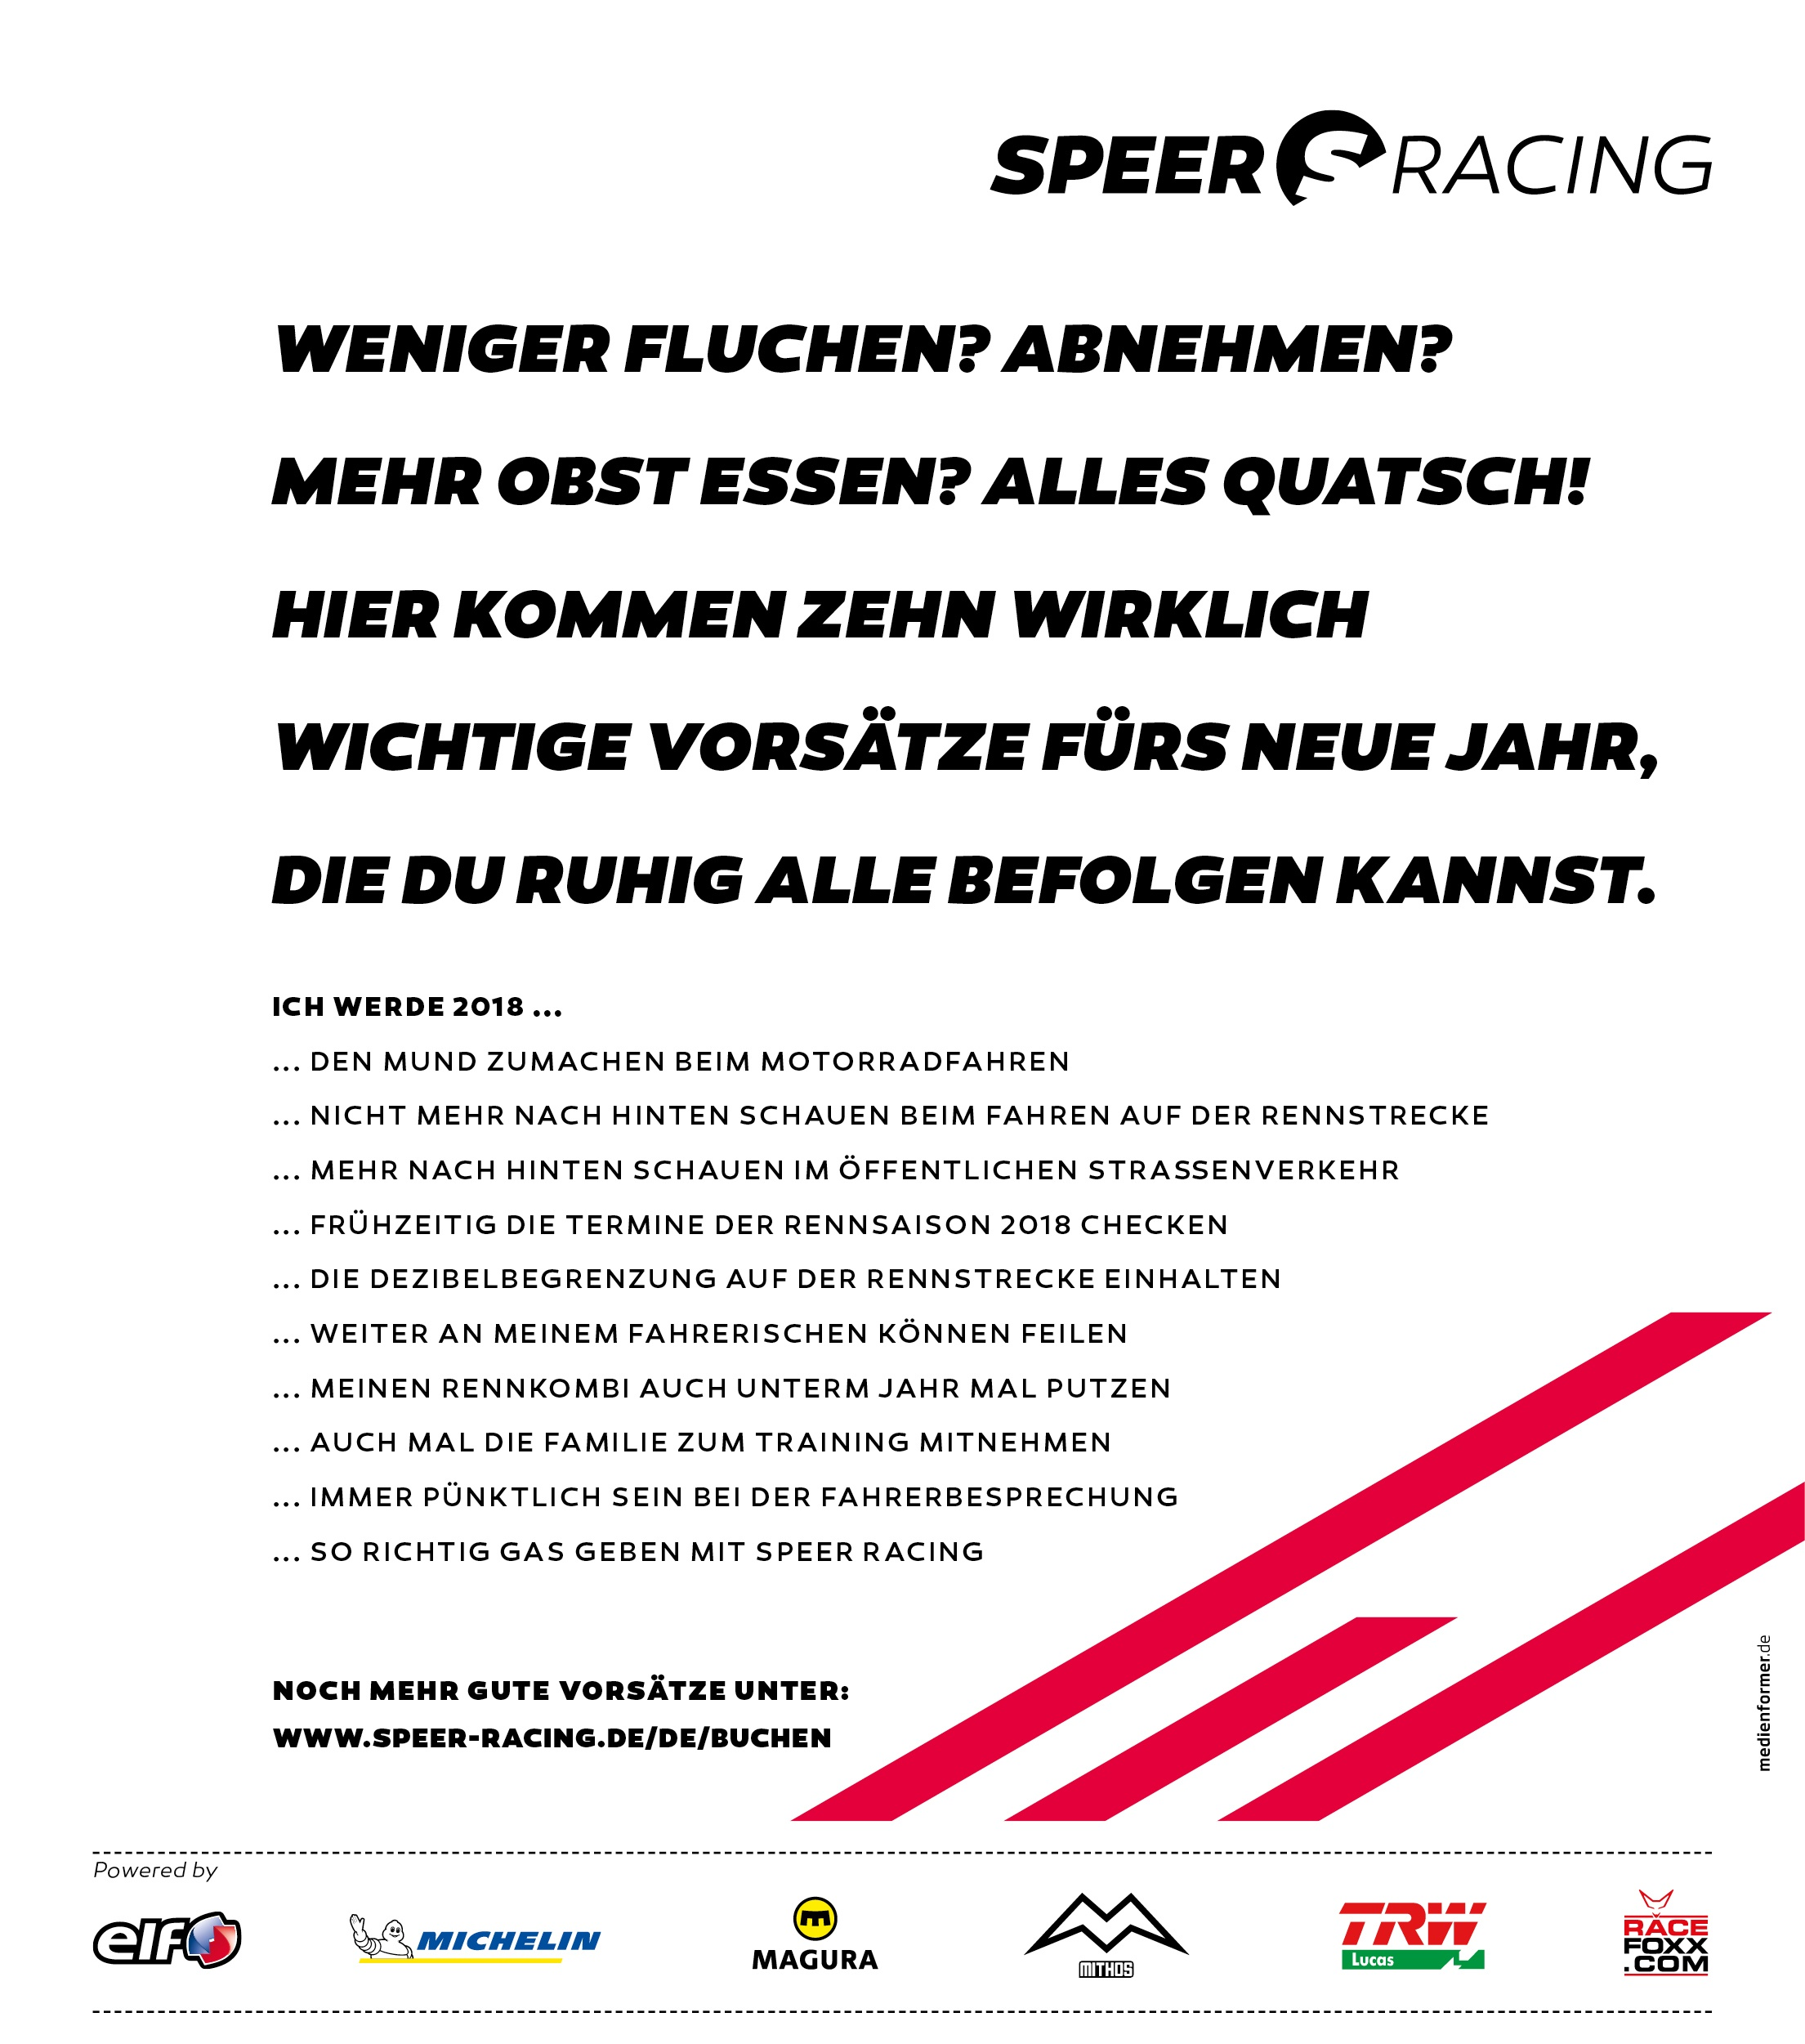 speer racing wirklich wichtige vors tze f r 2018 gaskrank magazin. Black Bedroom Furniture Sets. Home Design Ideas